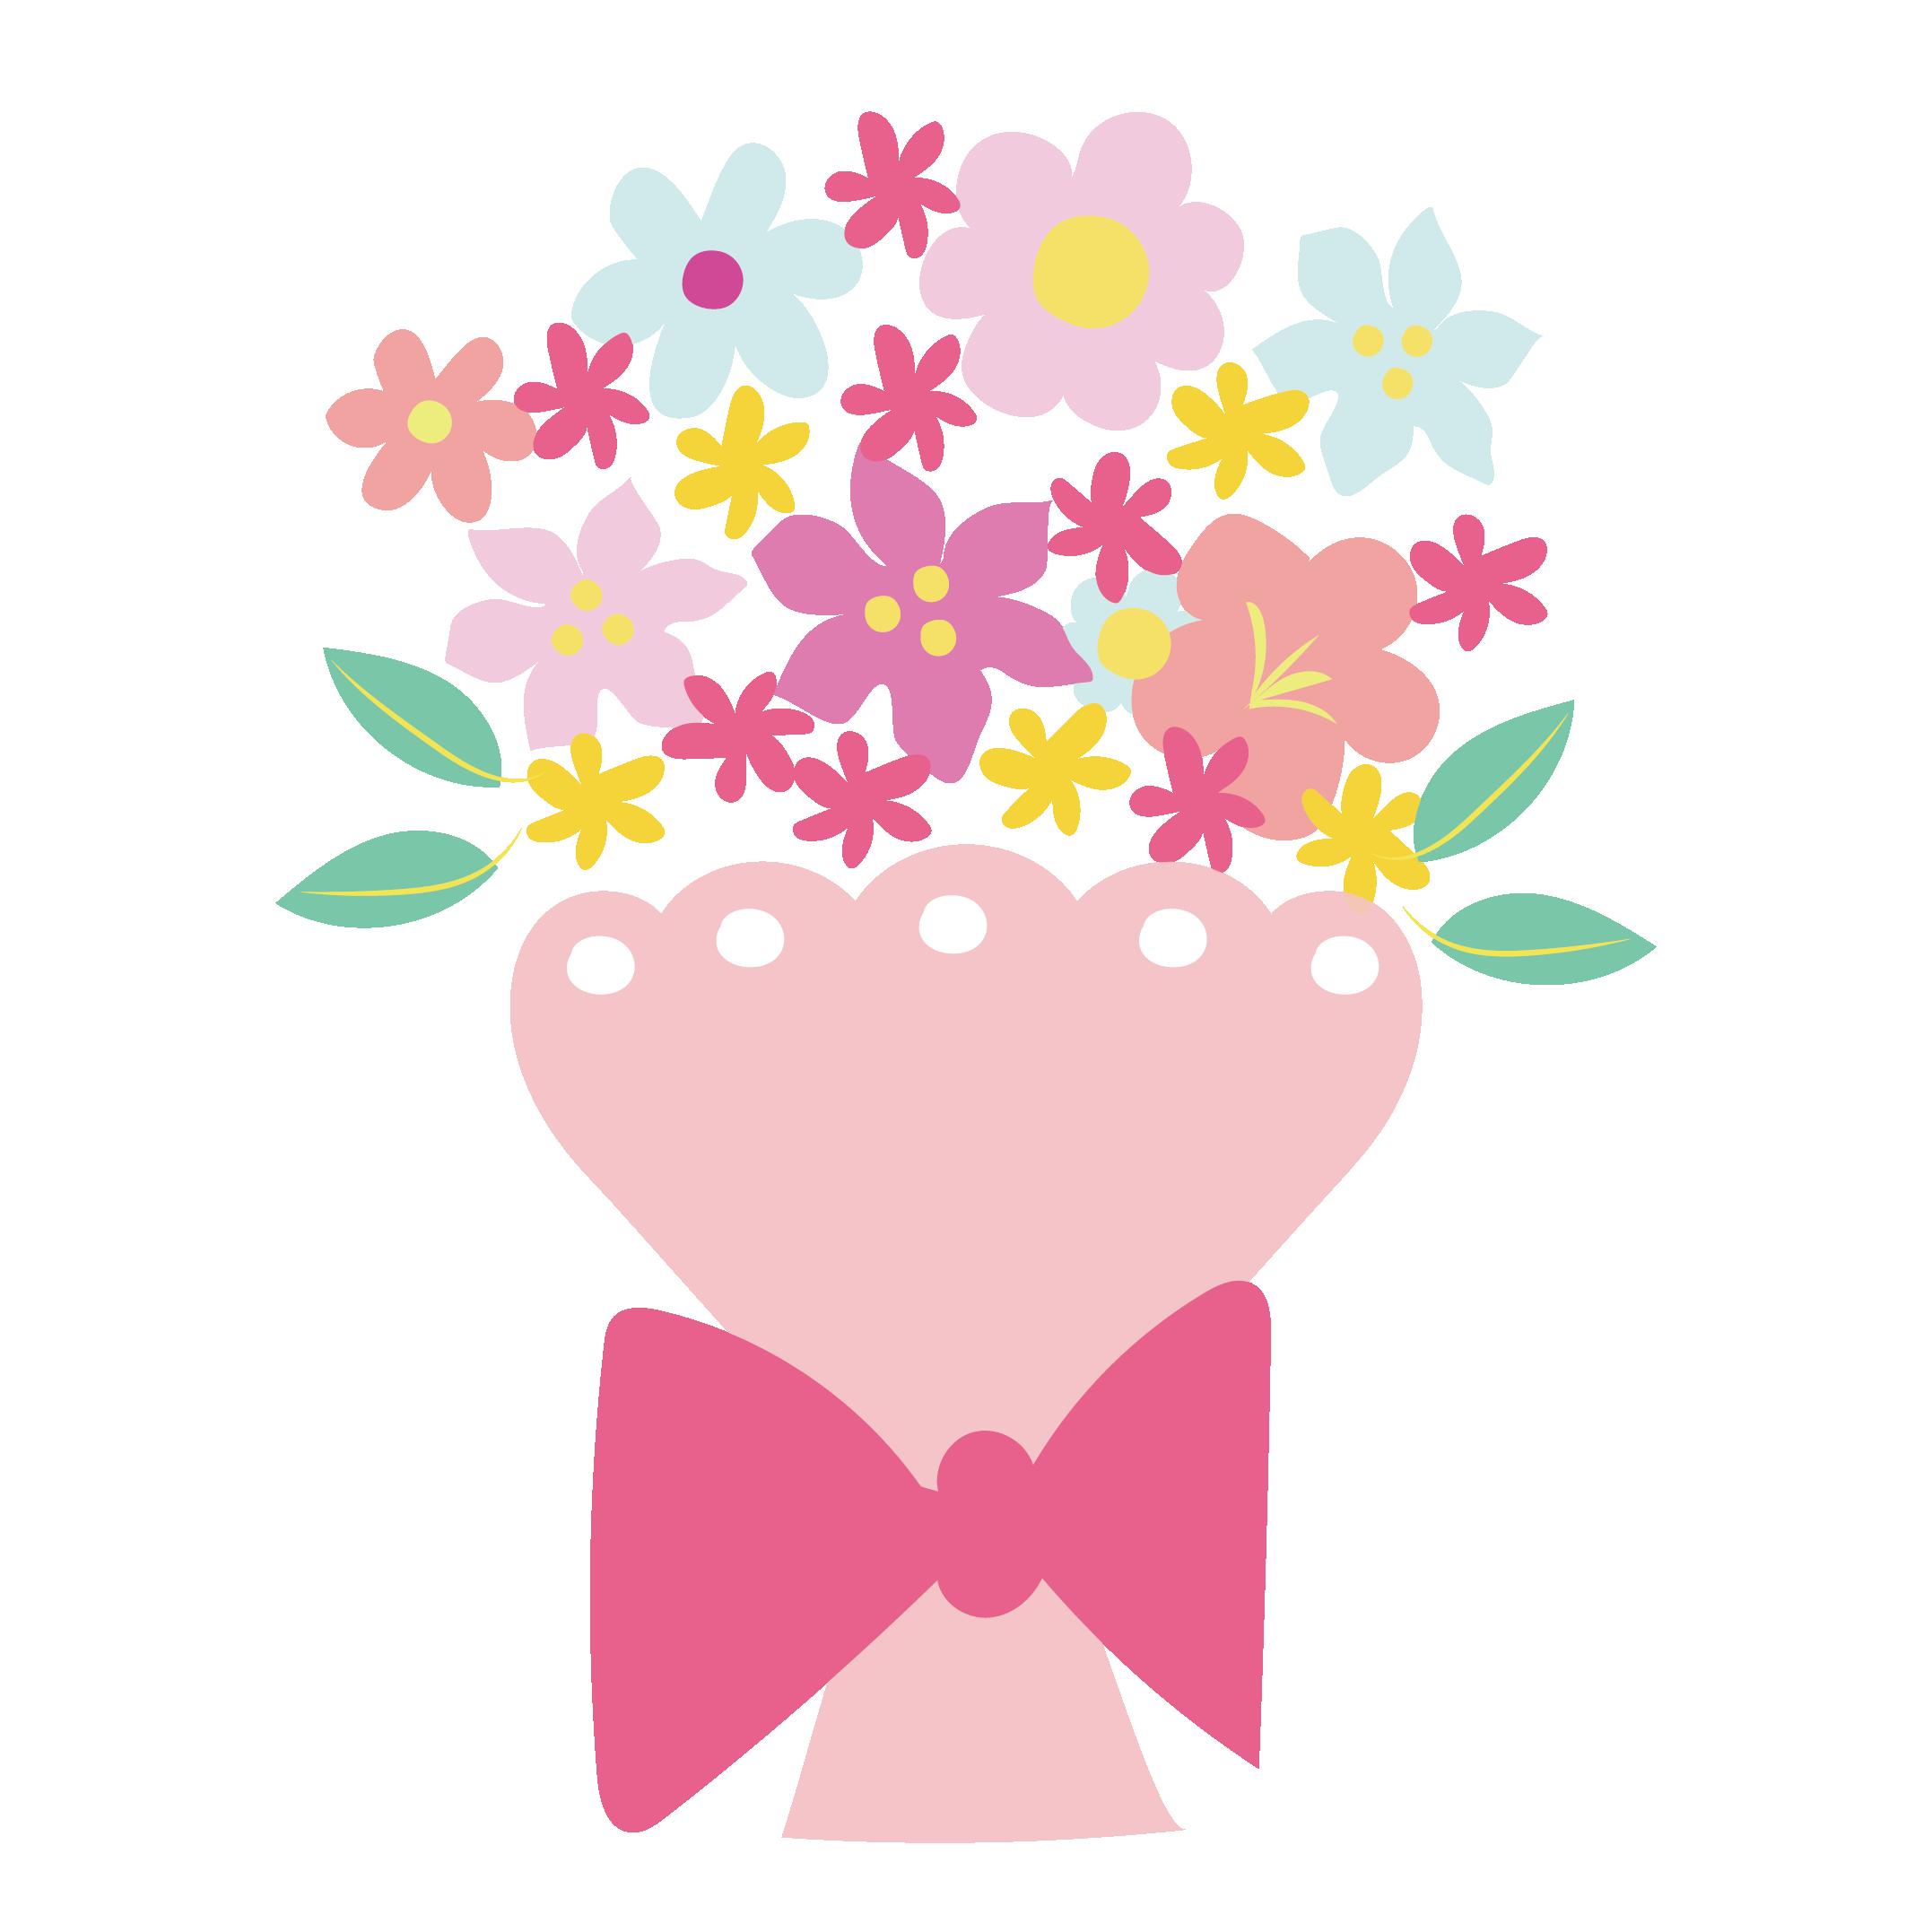 花束 イラスト 手描き風♪   商用フリー(無料)のイラスト素材なら